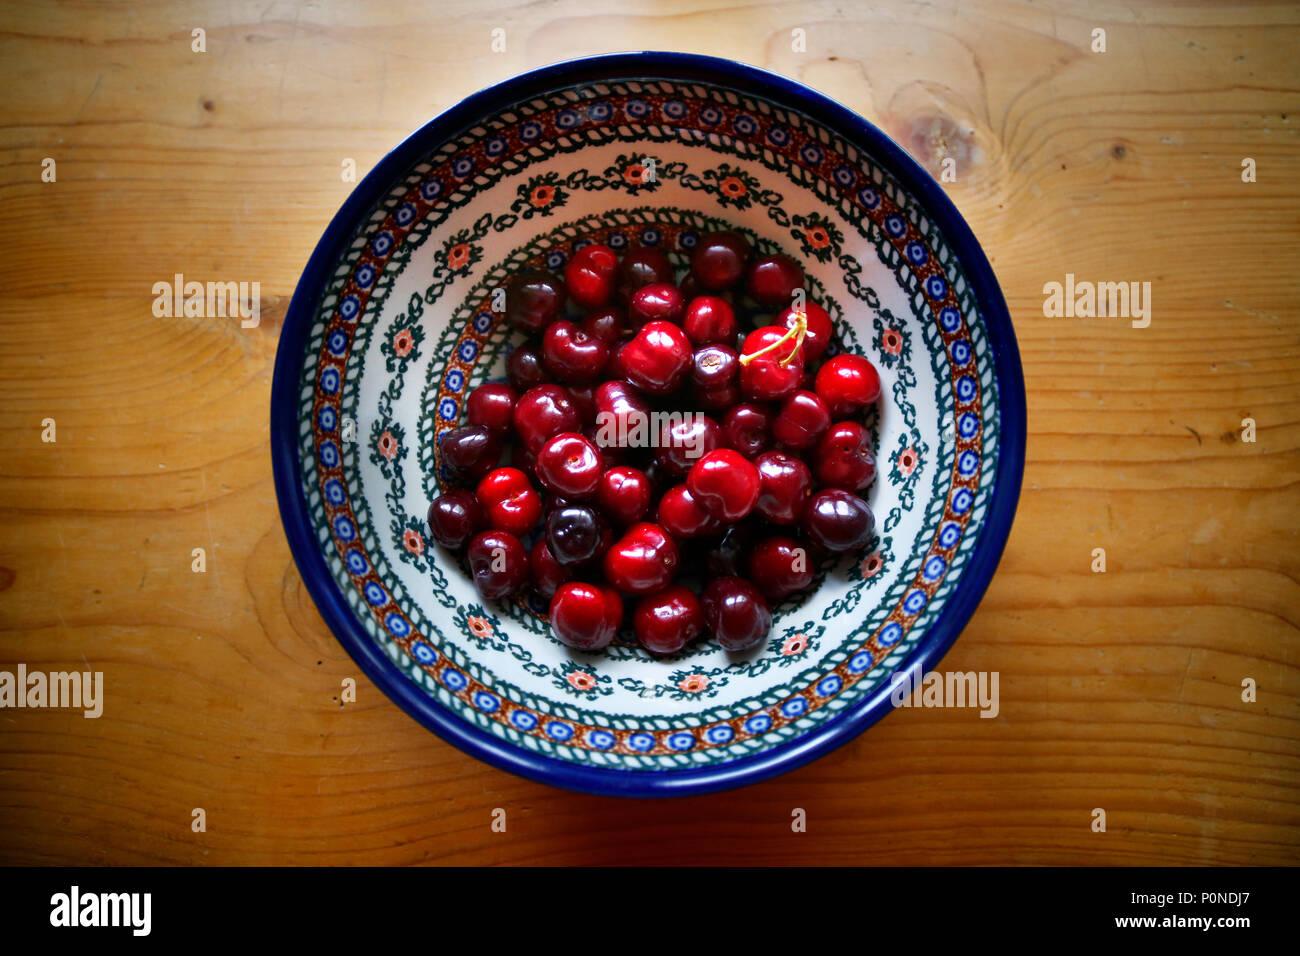 Schale mit Kirschen auf einem alten Kiefer Tisch. Stockbild